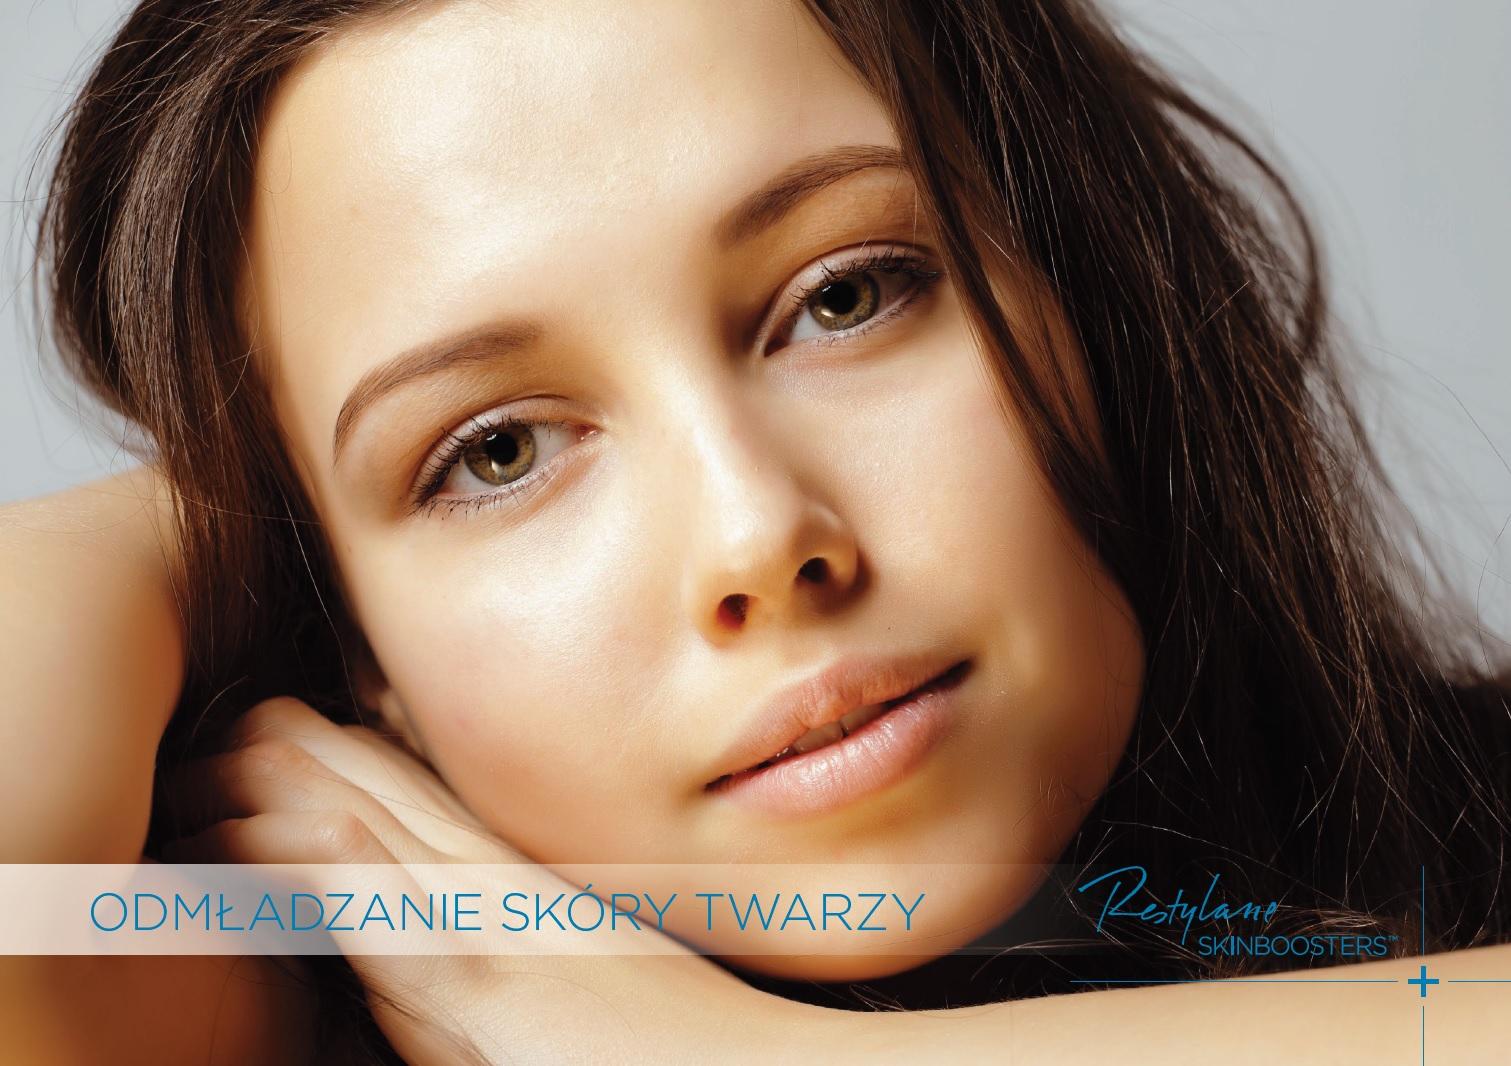 Odmładzanie skóry twarzy - Restylane SkinBoosters